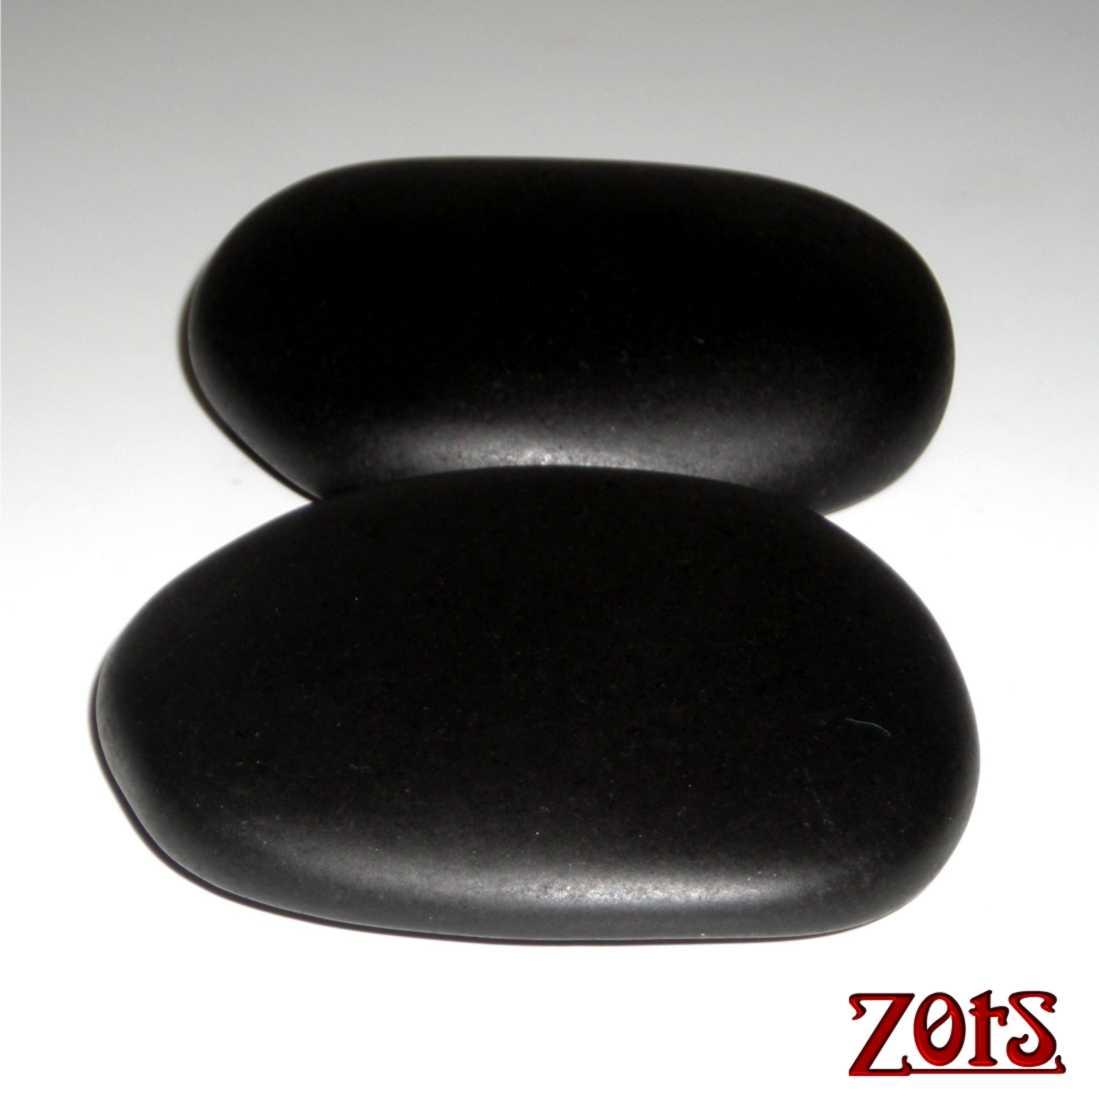 Kit Pedras Posicionamento Basalto Vulcânico  -  Zots